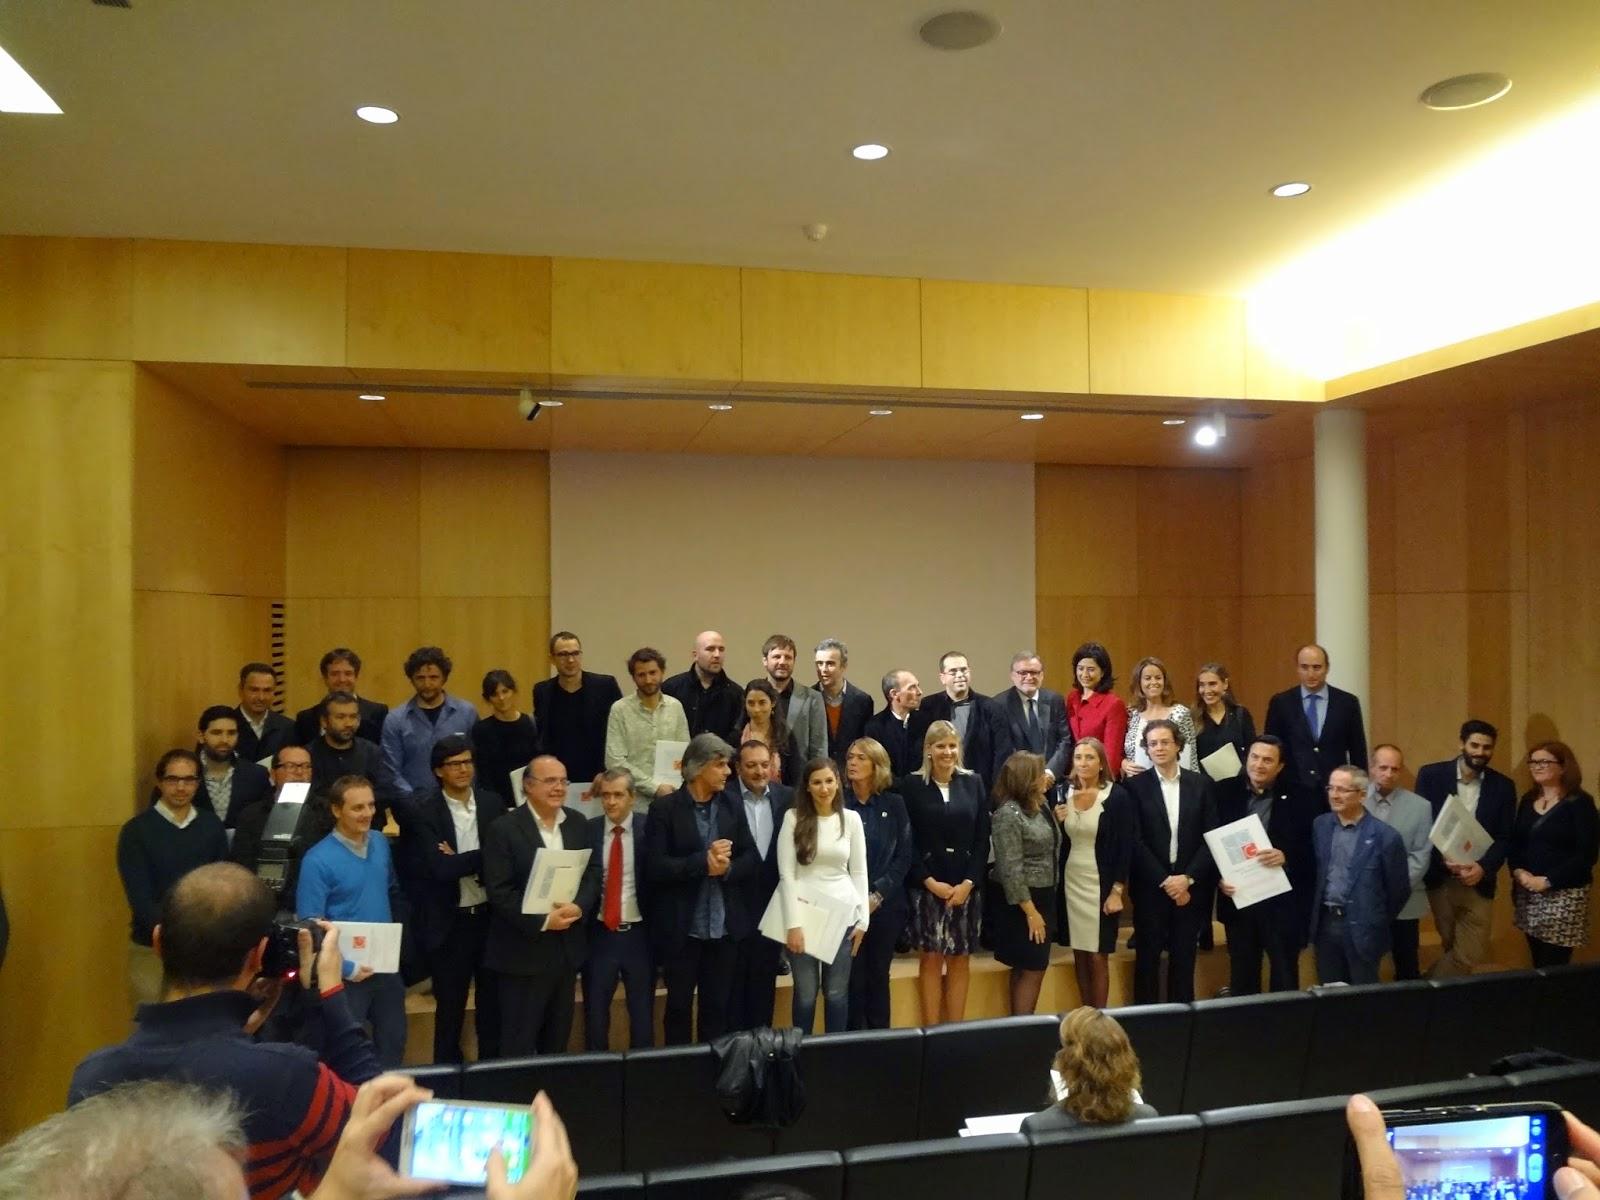 Gij n arquitectura blog acto de entrega de premios - Colegio arquitectos granada ...